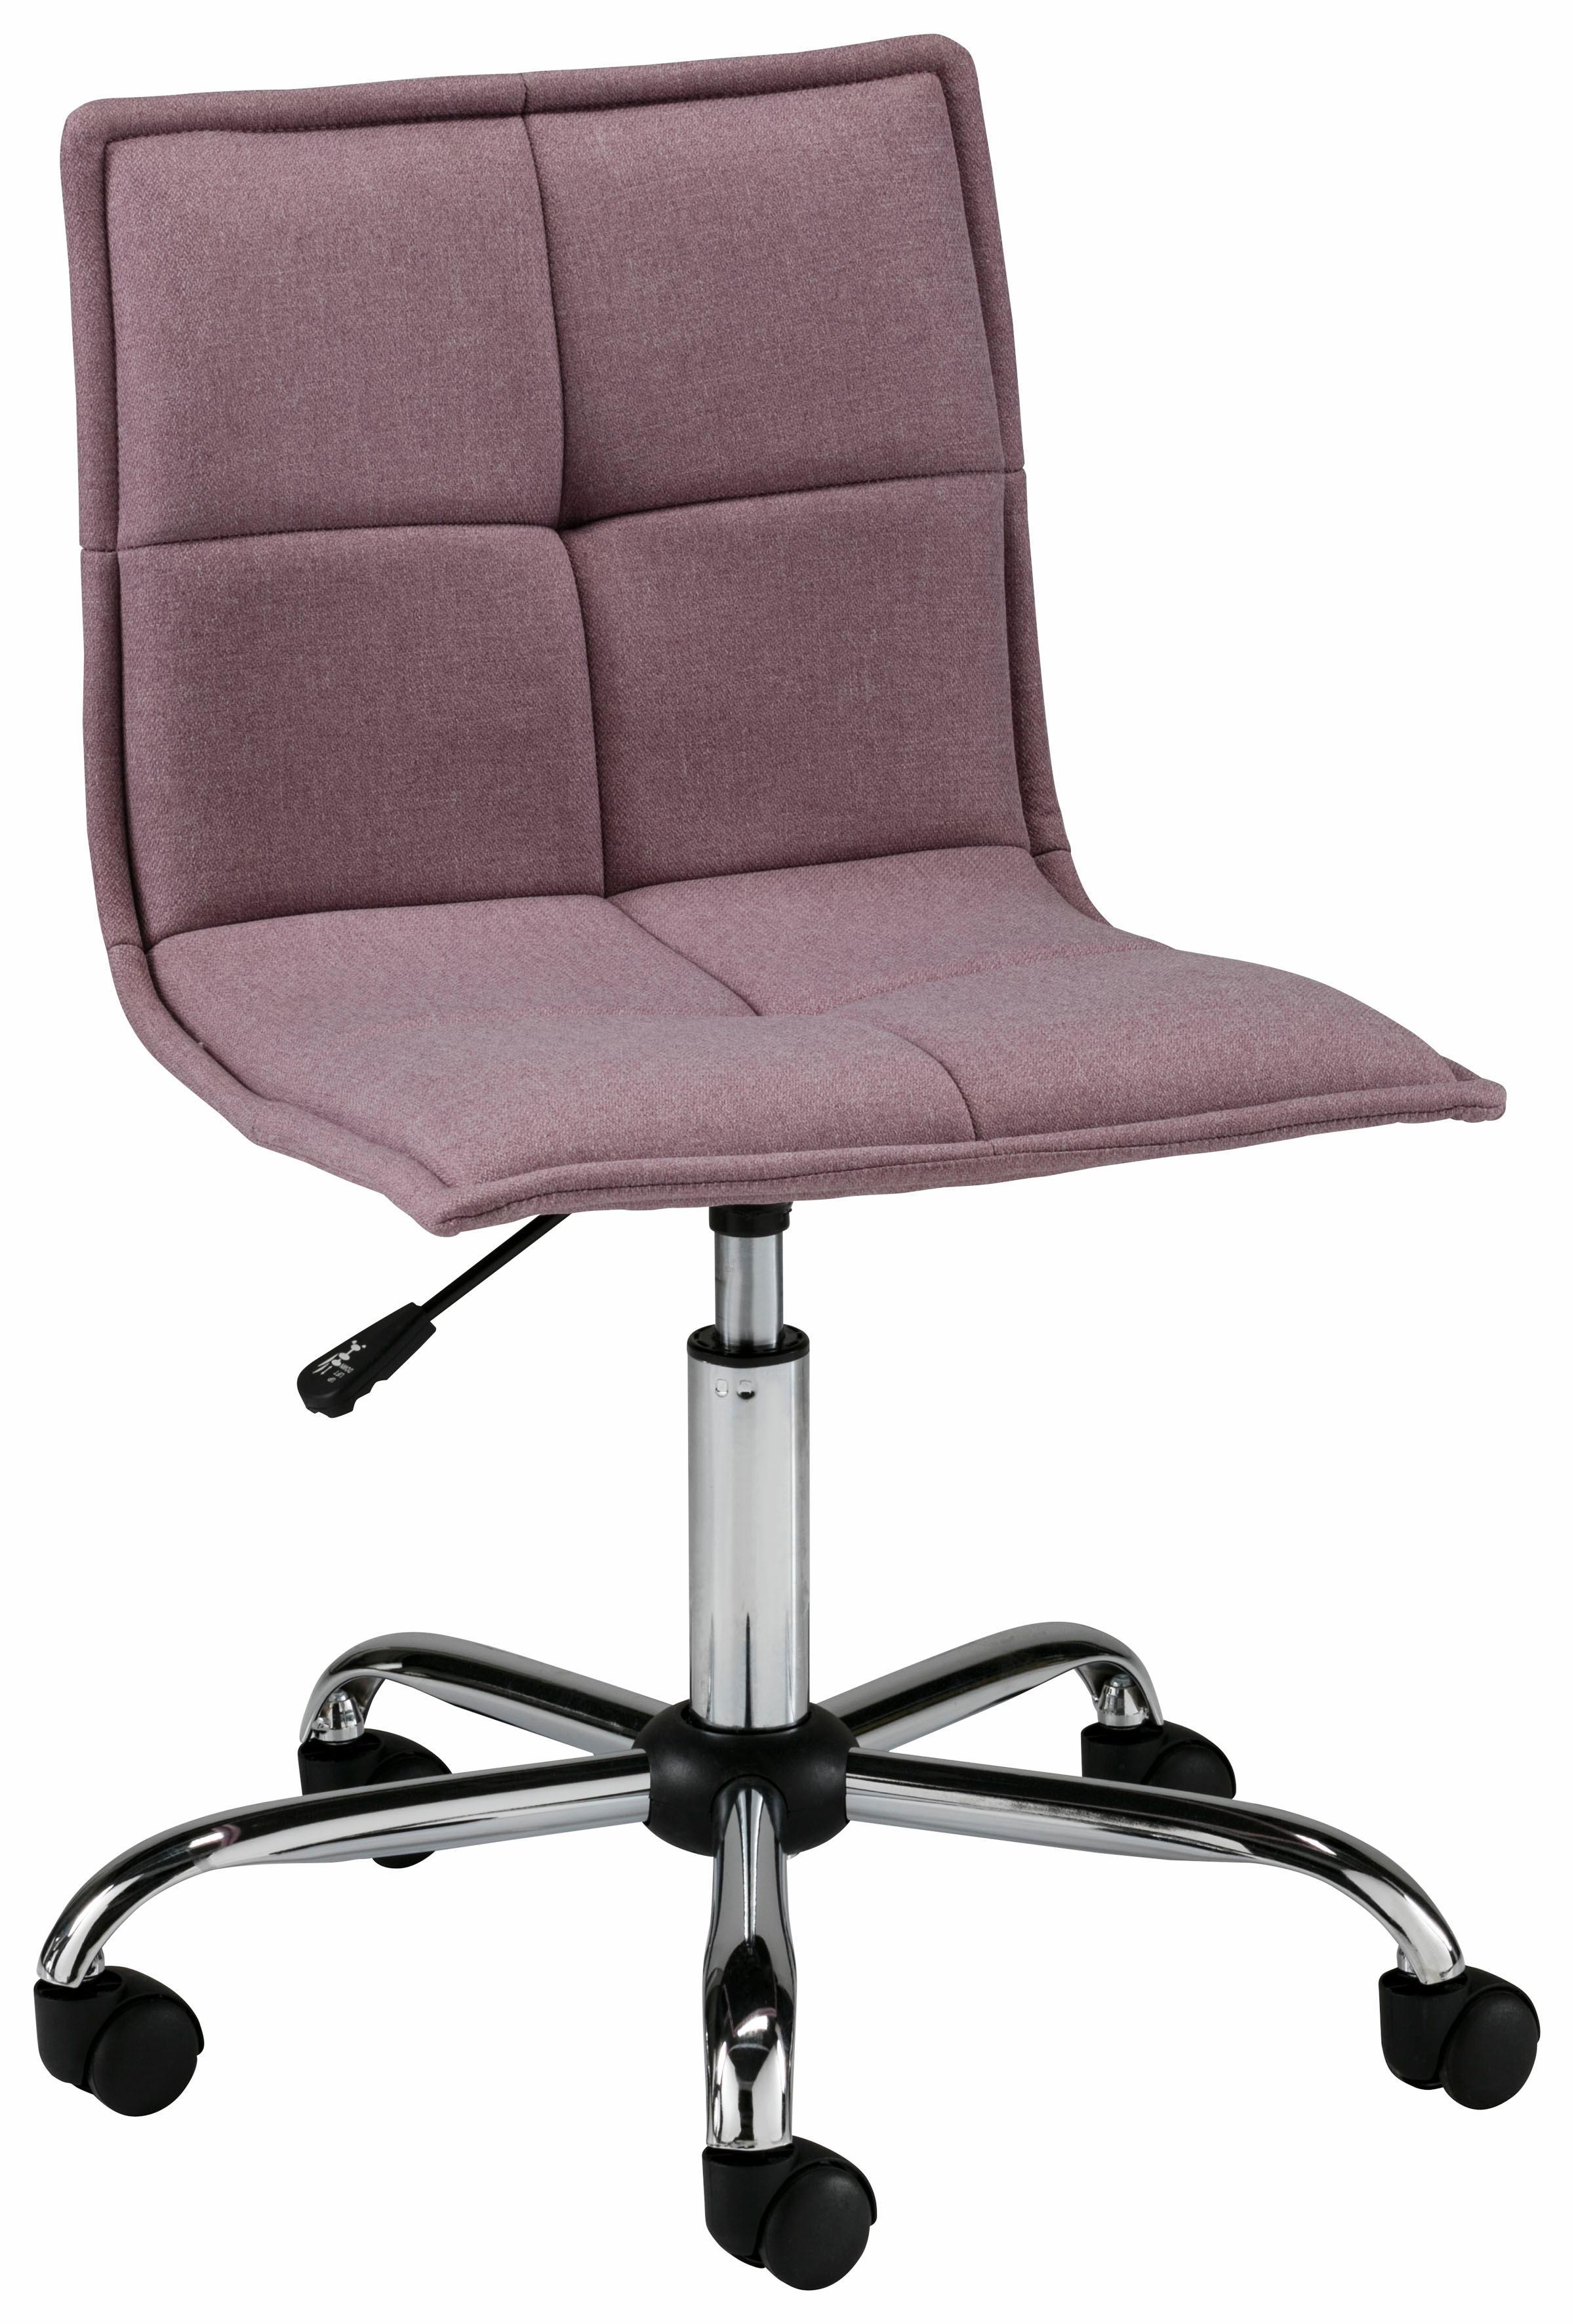 Möbel und Accessoires fürs Büro online kaufen